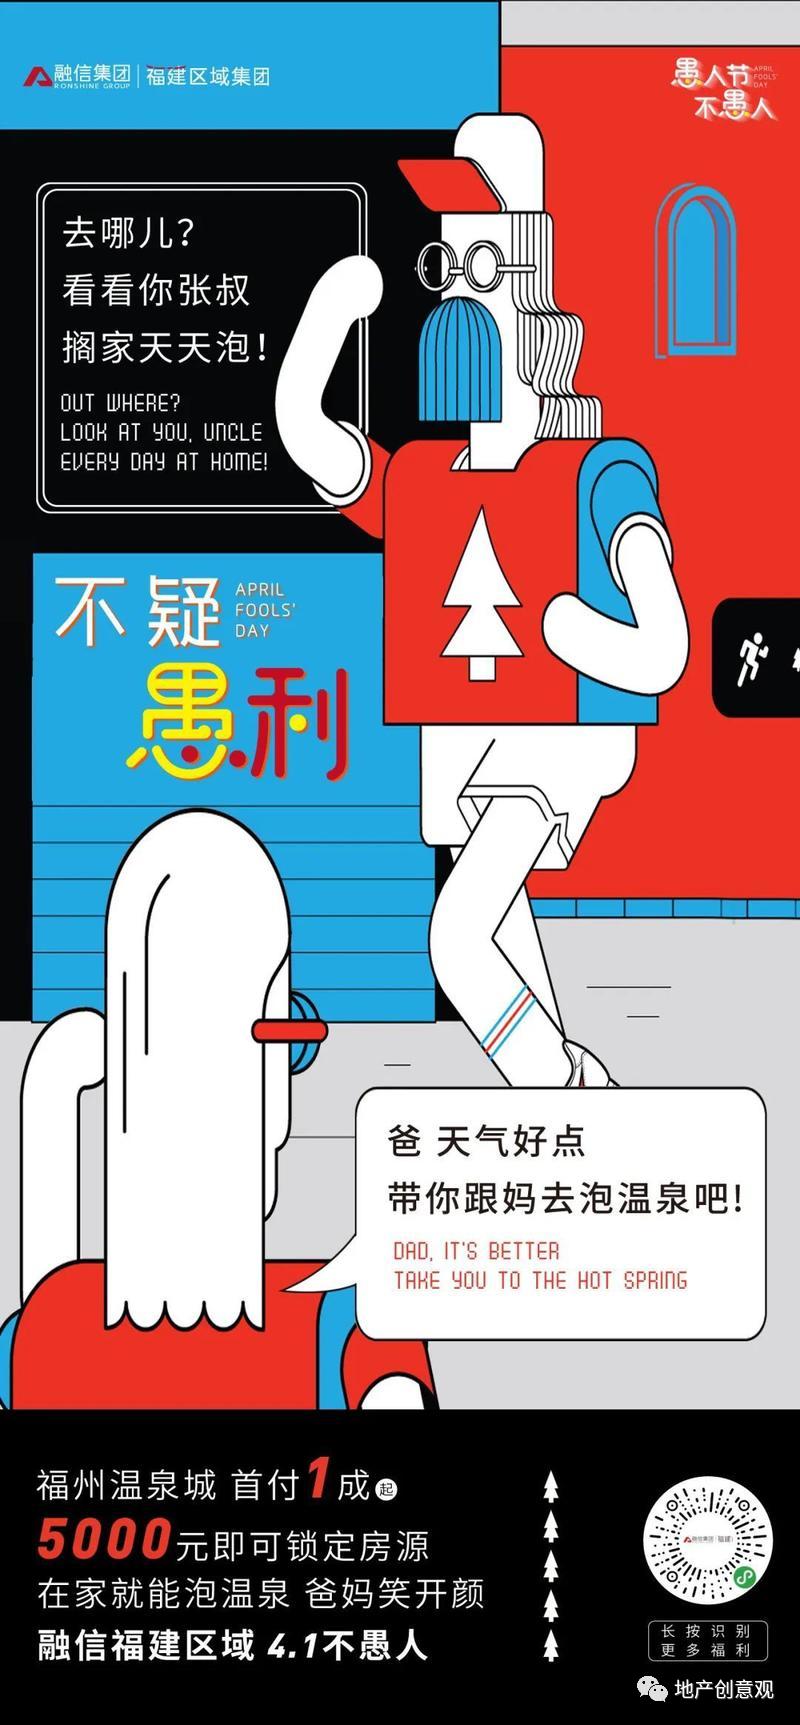 地产广告丨2021愚人节借势海报文案欣赏~插图181